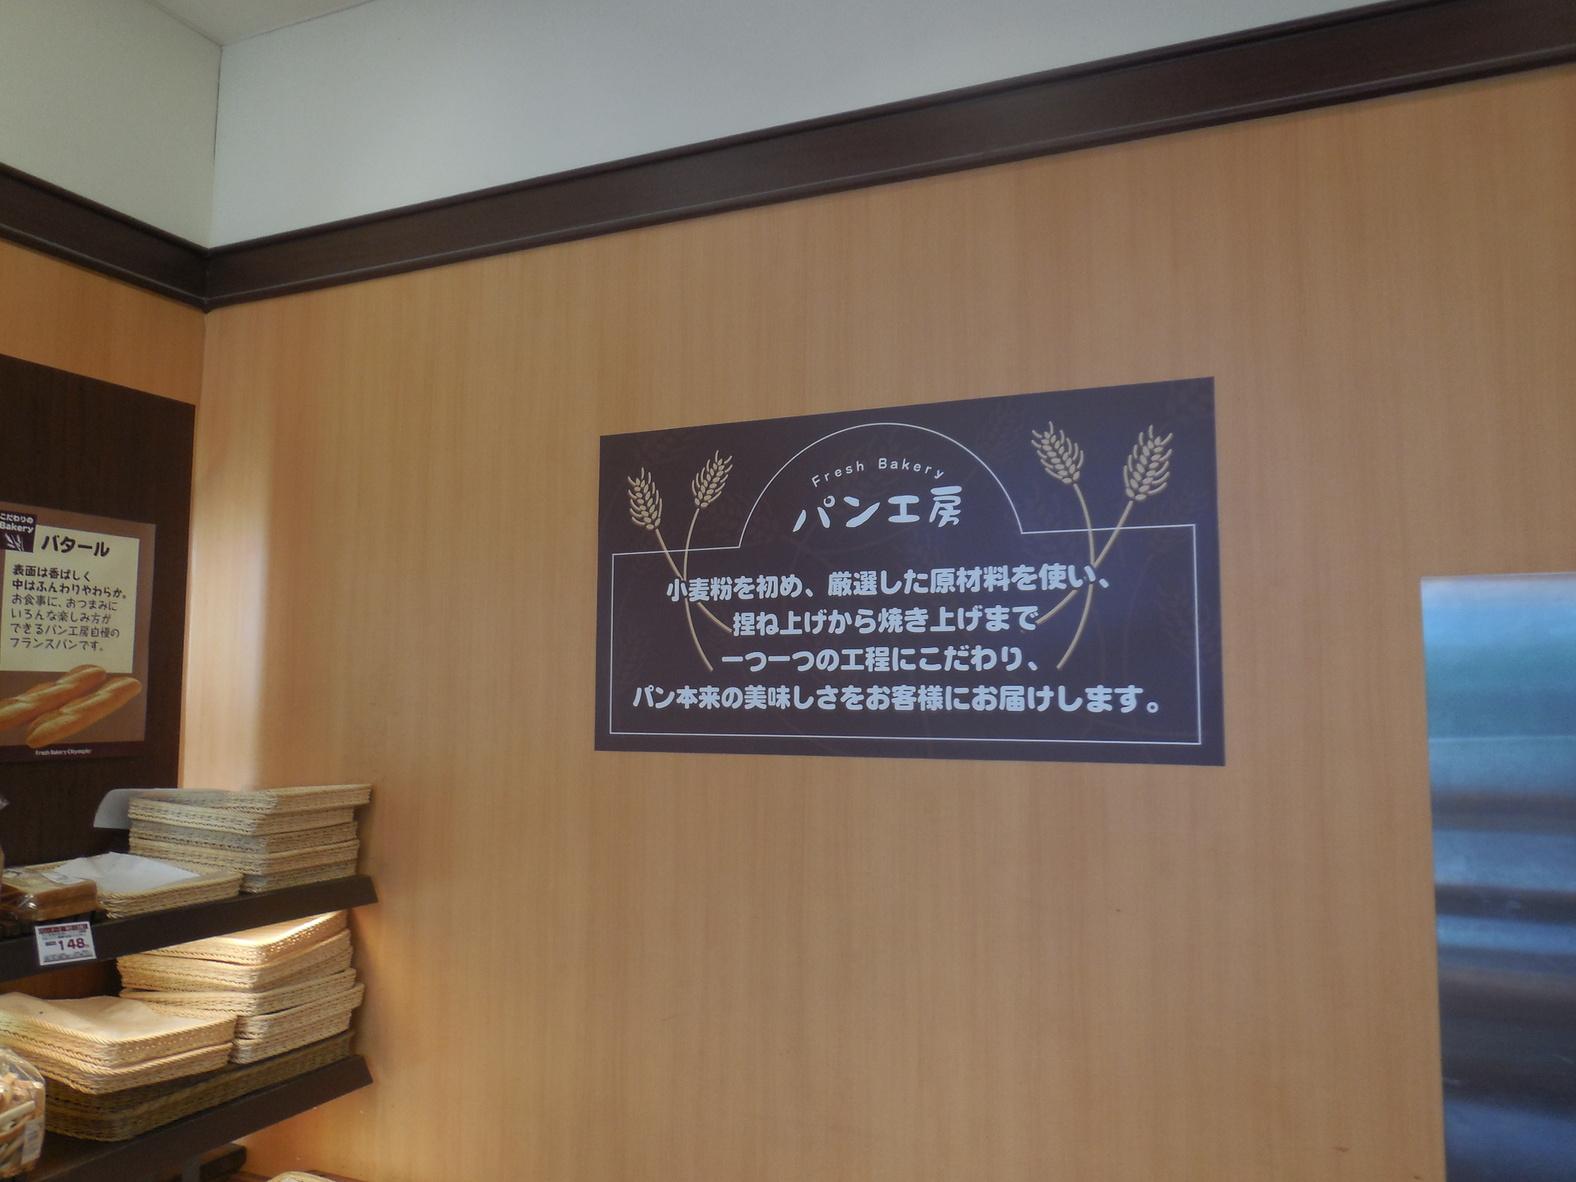 パン工房 墨田文花店